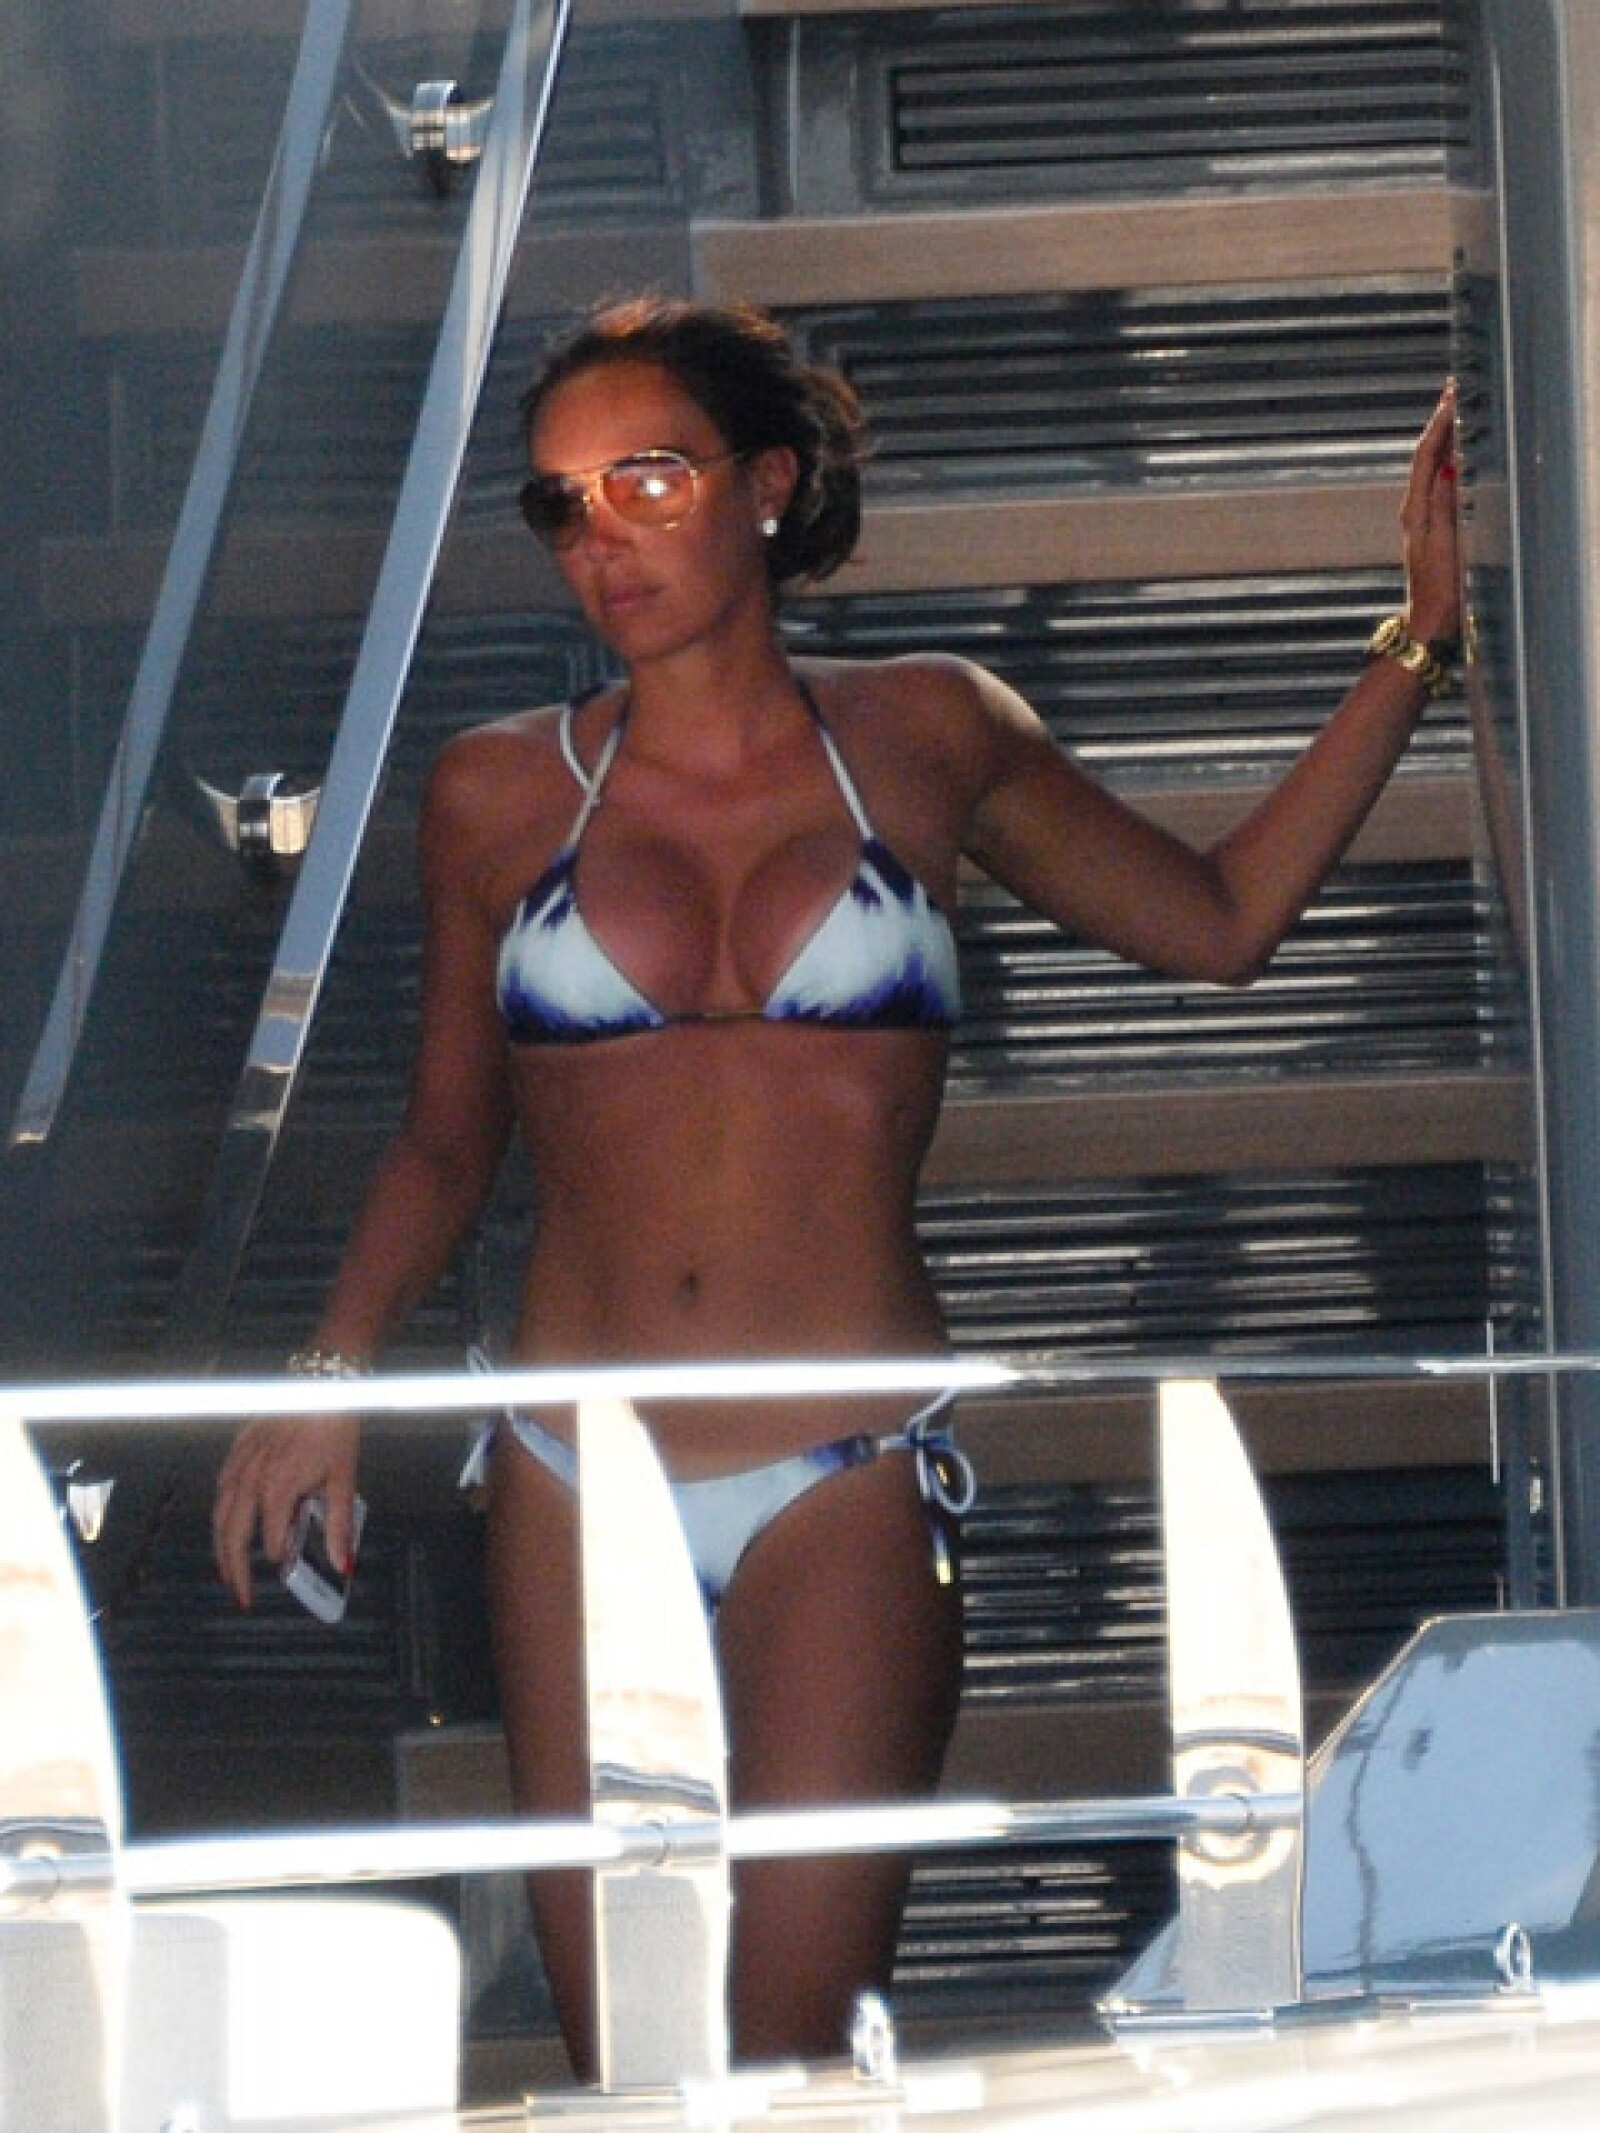 La hija del patrón de la Fórmula 1 ha ido puliendo cada vez más su figura y su estilo al vestir.